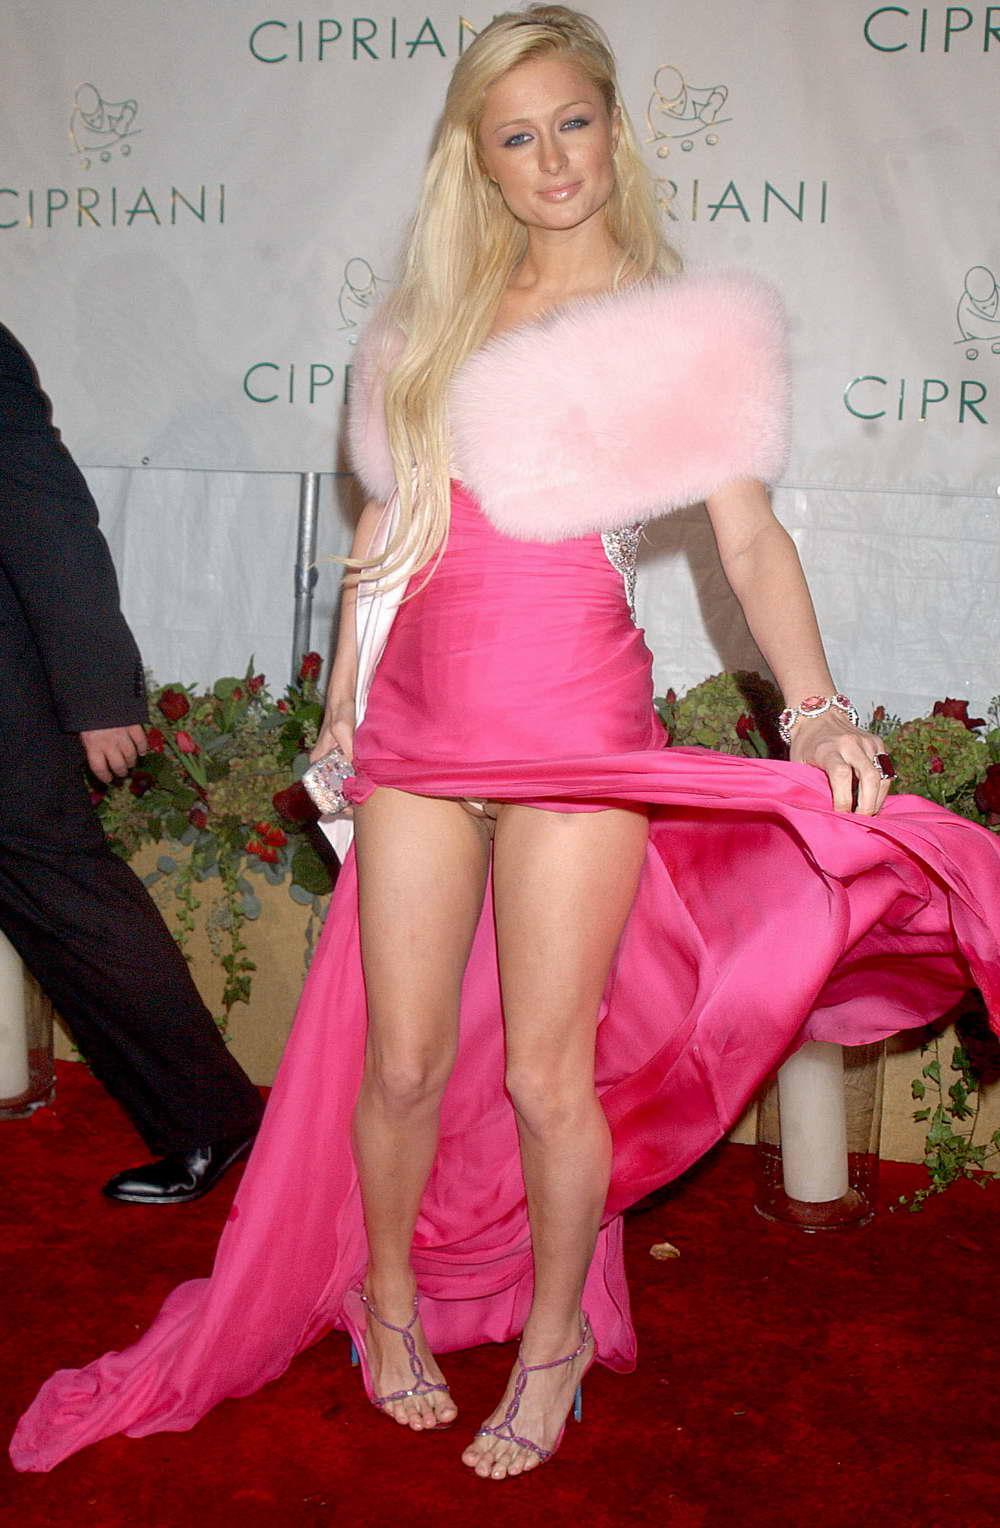 Paris Hilton Fappening